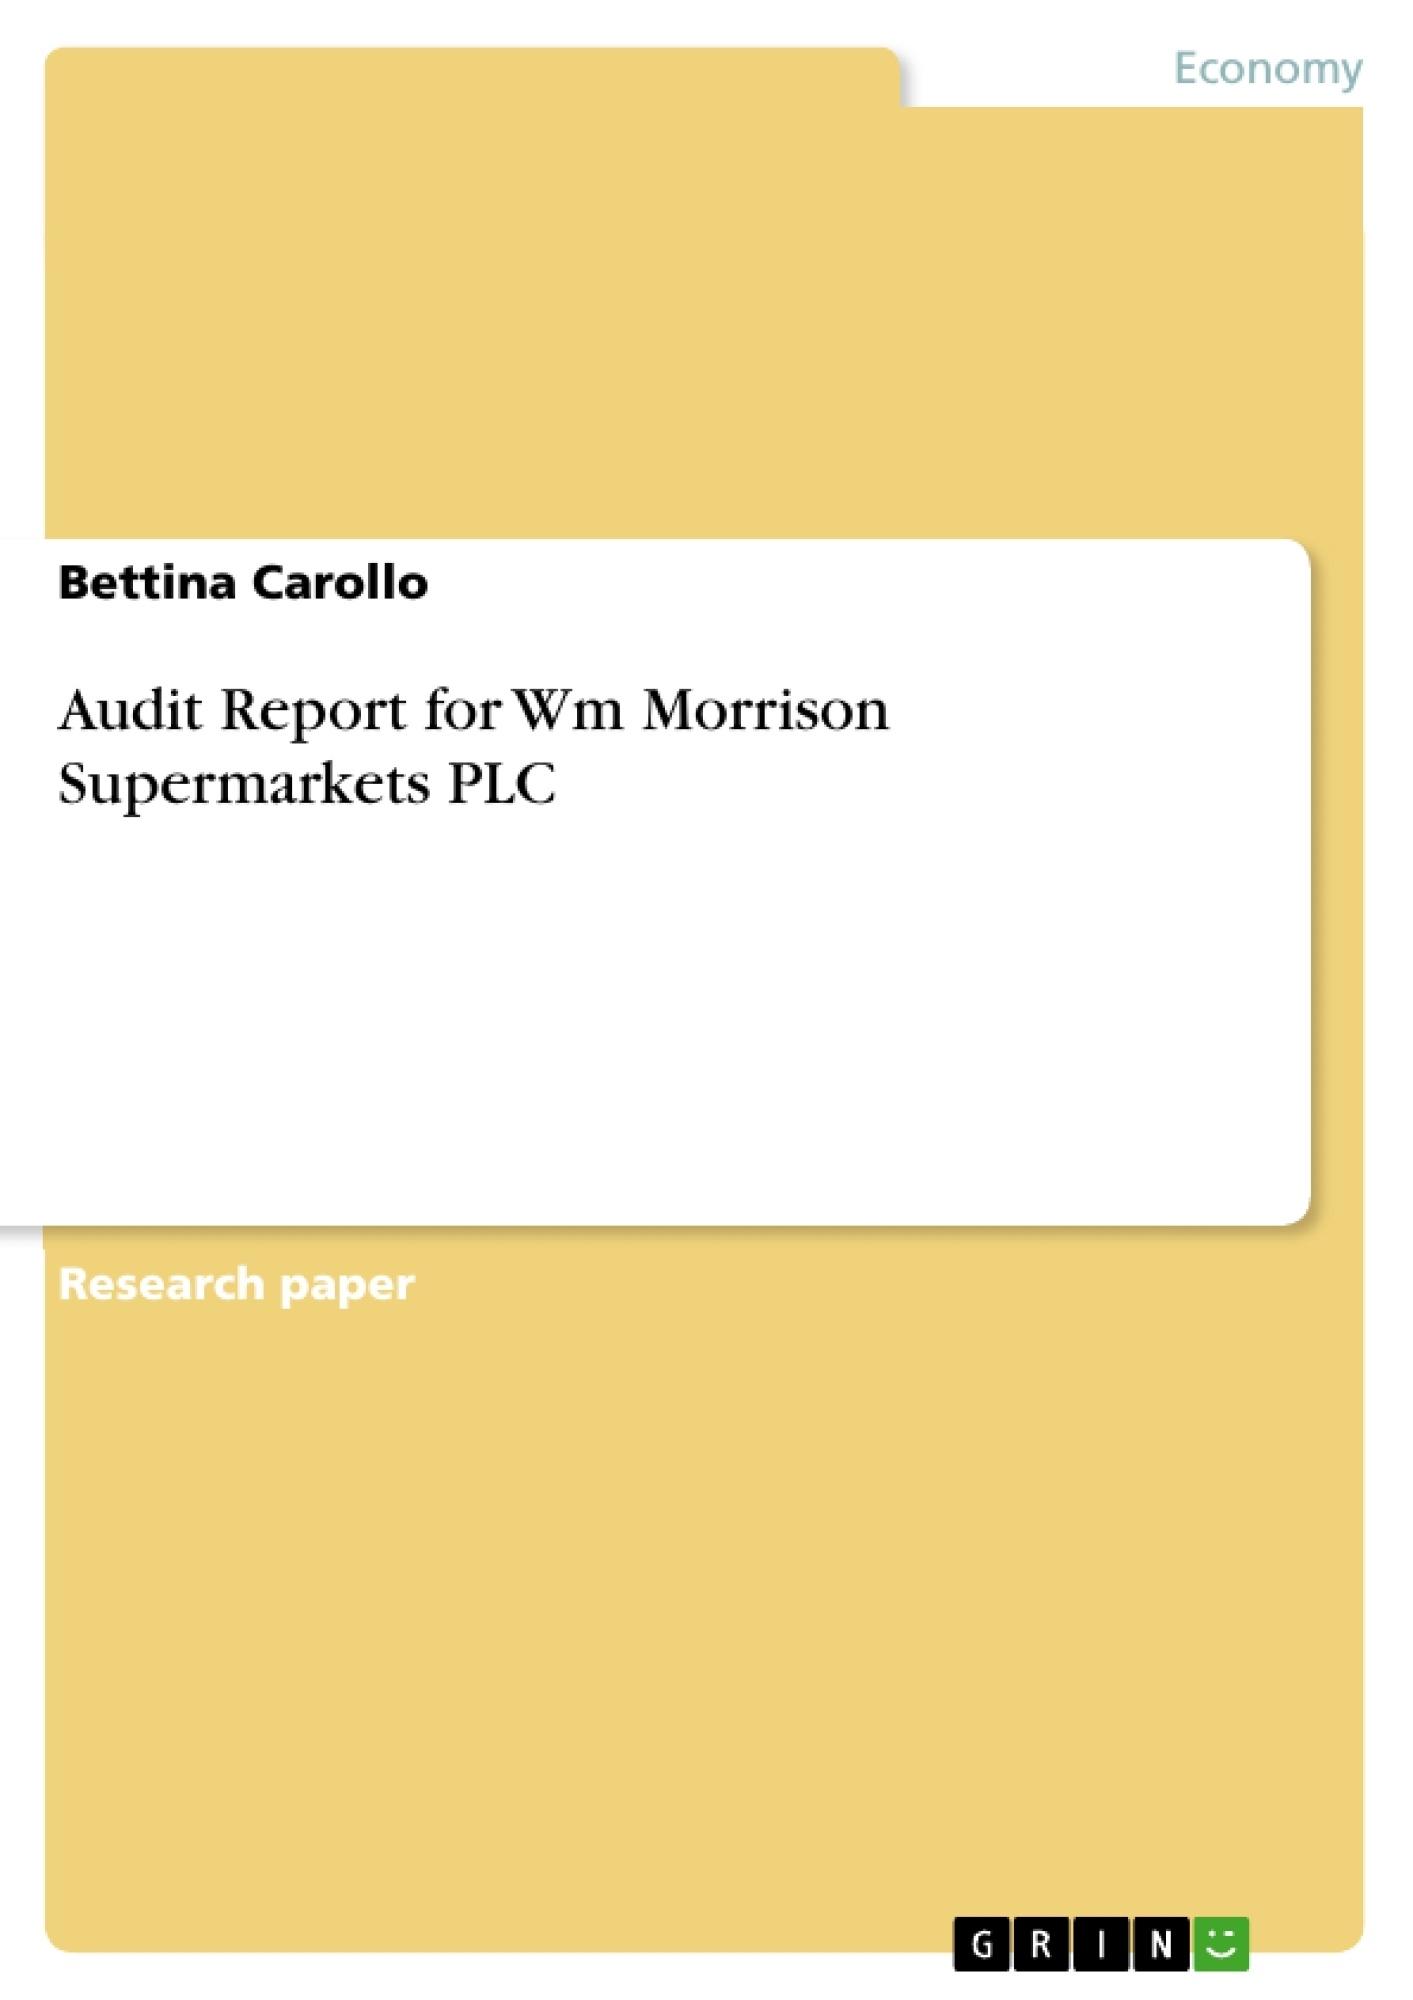 Title: Audit Report for Wm Morrison Supermarkets PLC